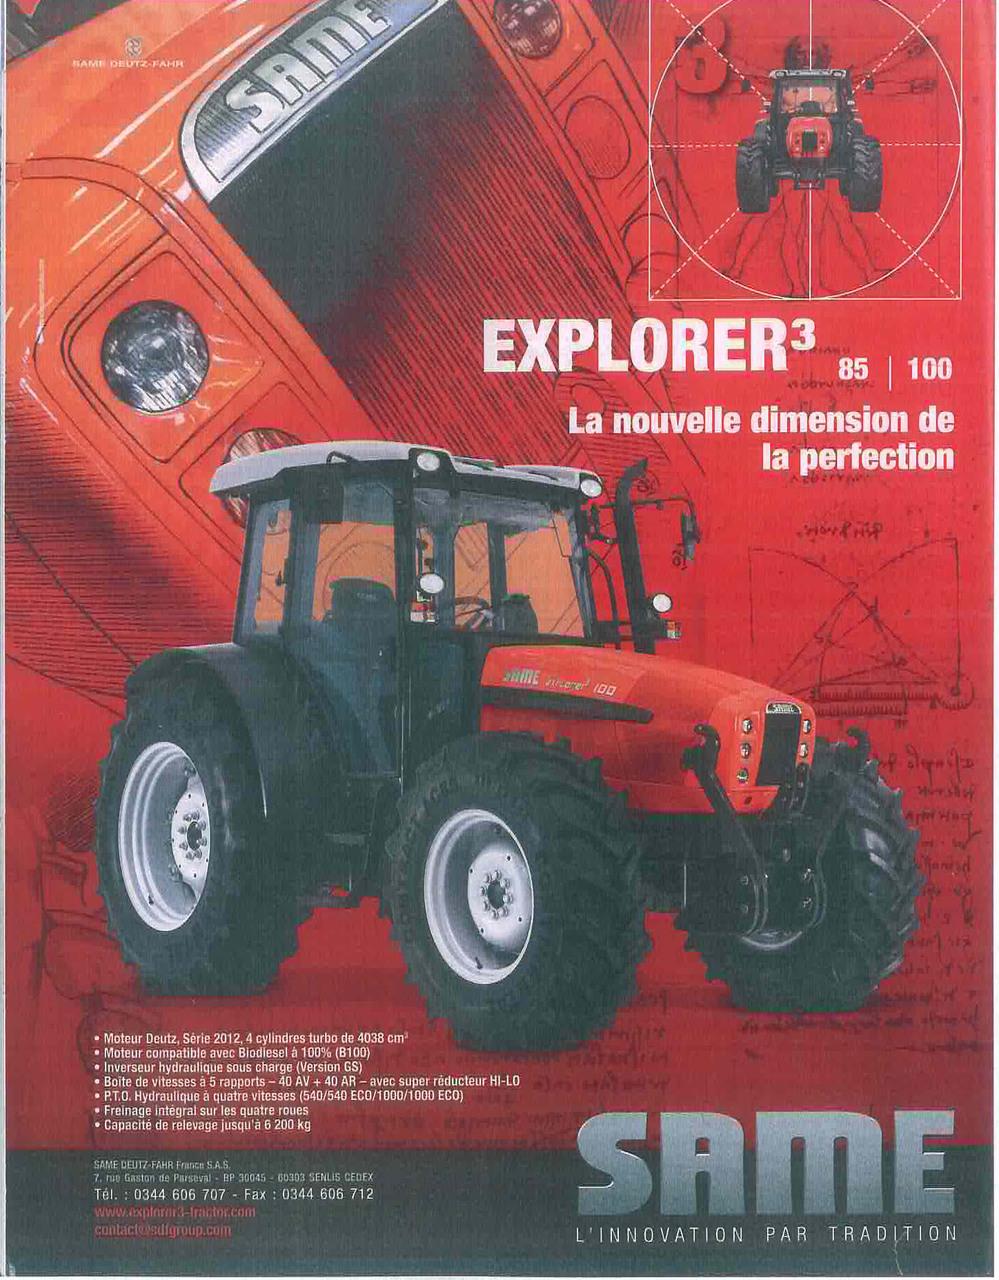 EXPLORER 3 85 - 100 La nouvelle dimension de la perfection